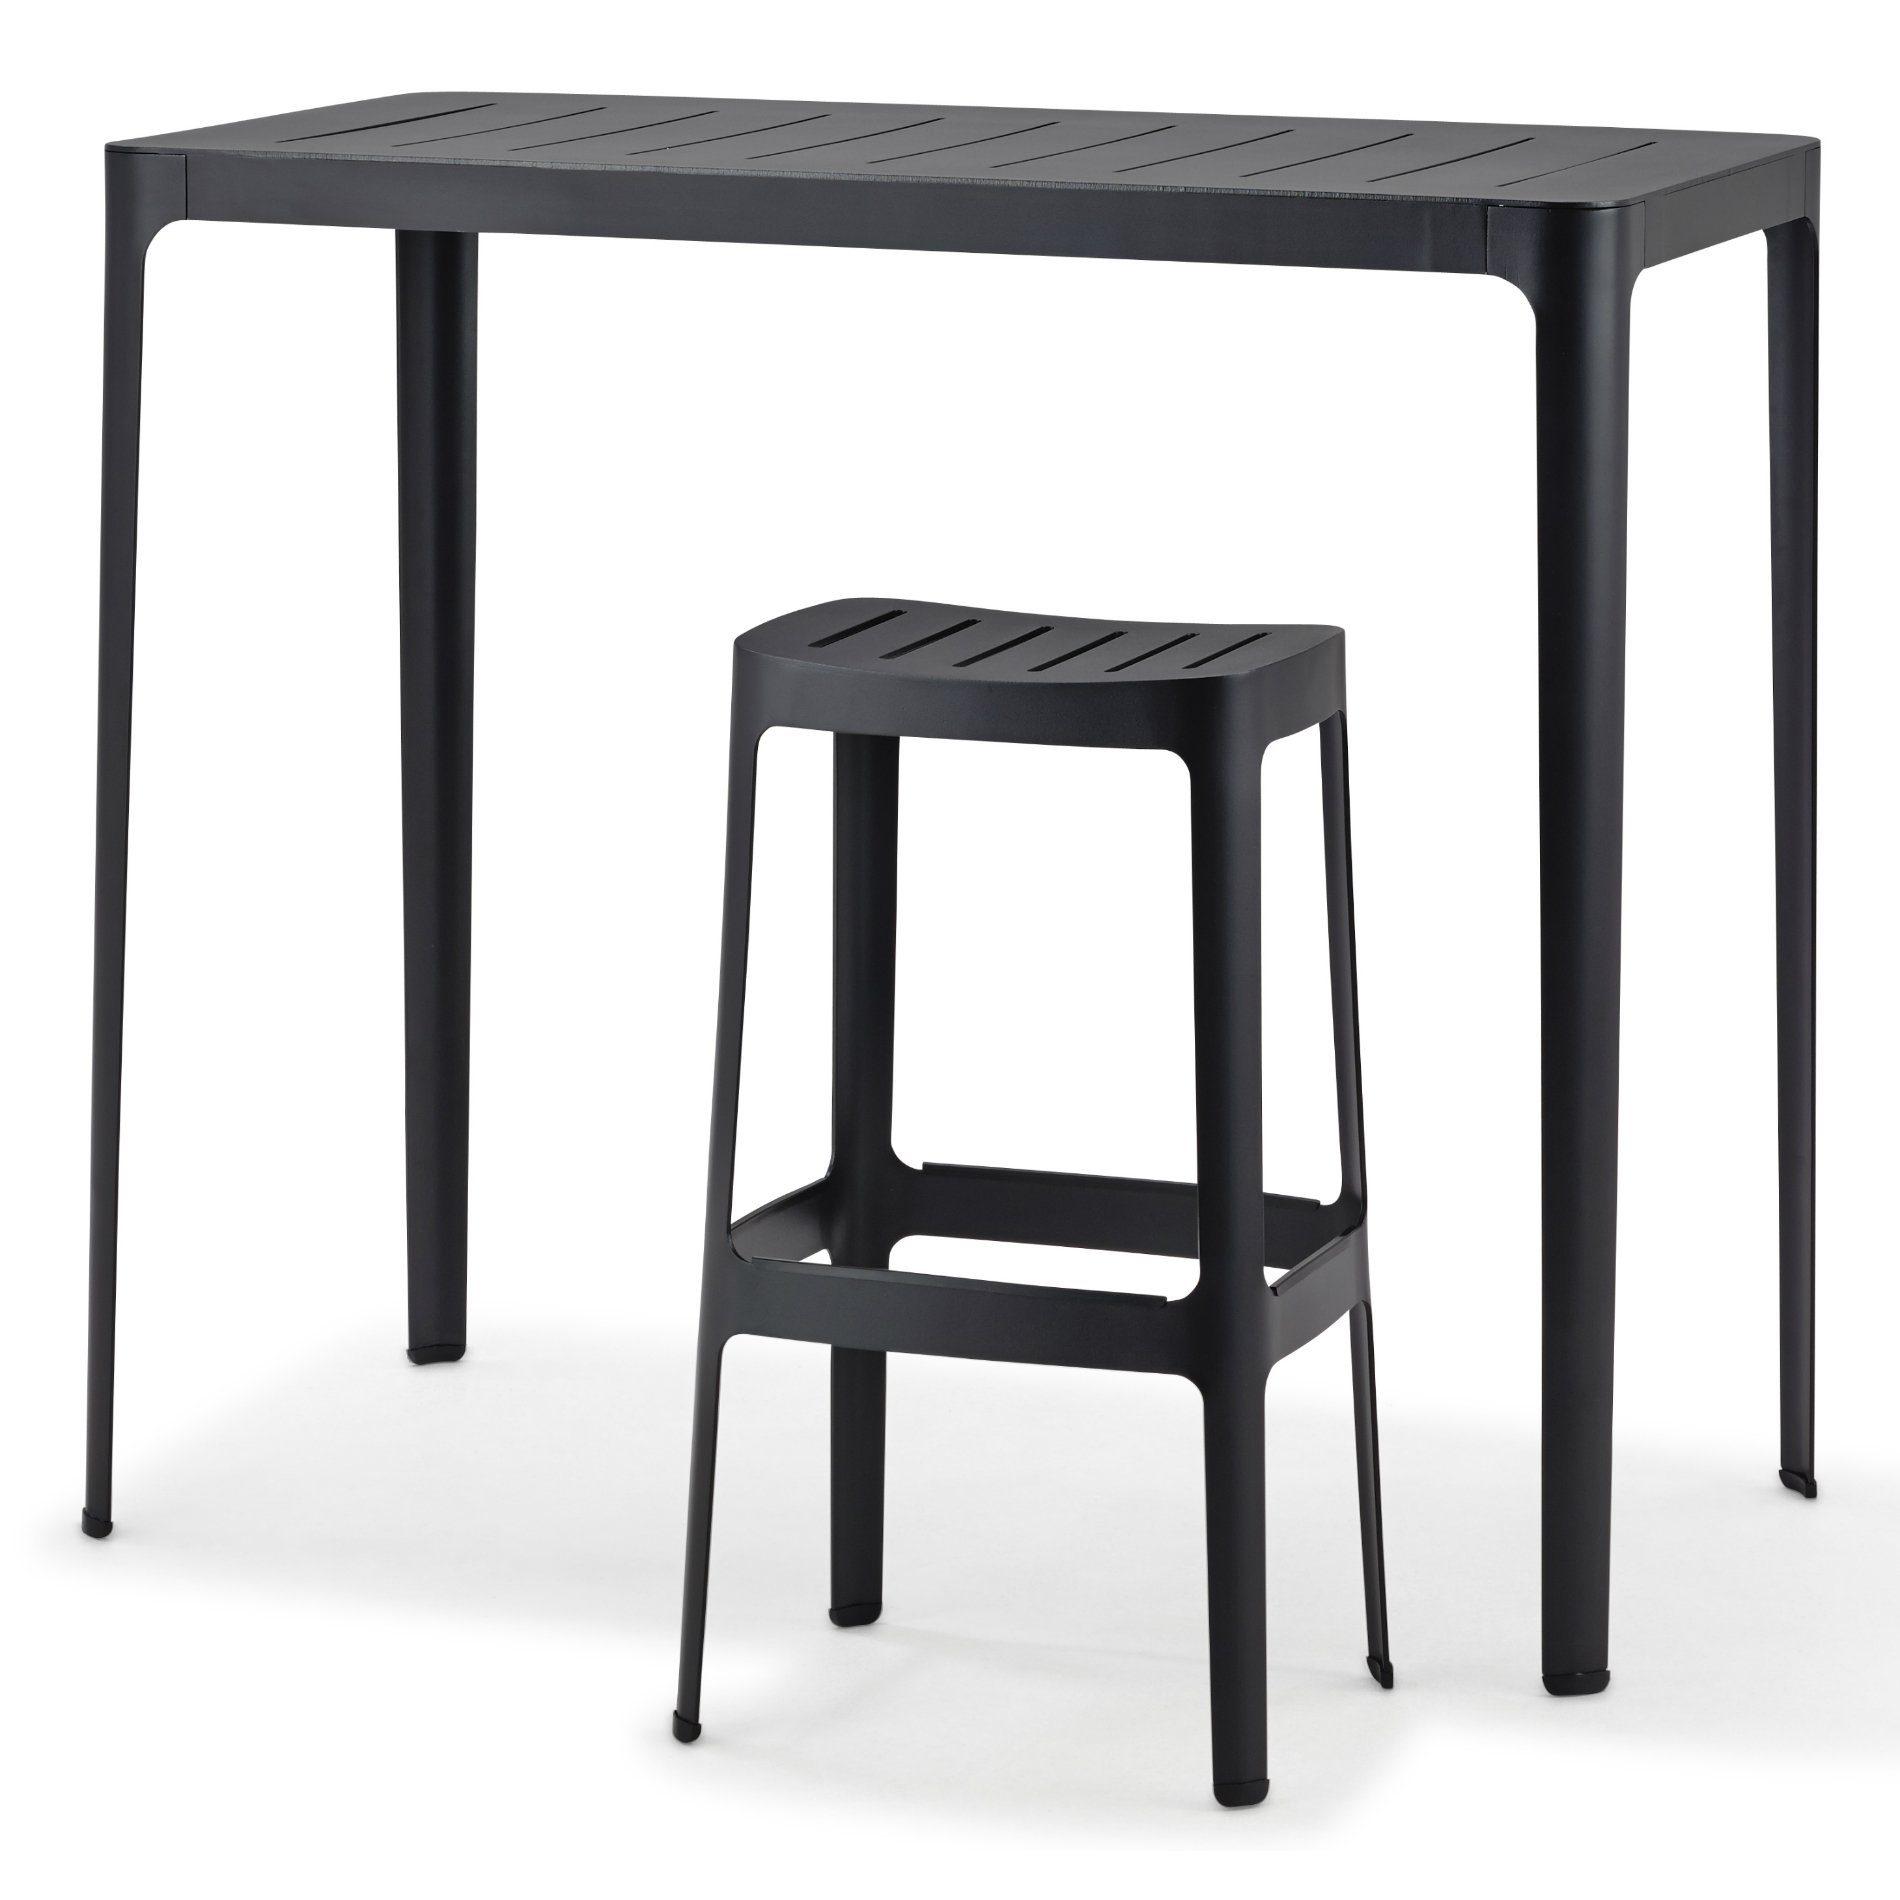 cane line bartisch cut. Black Bedroom Furniture Sets. Home Design Ideas